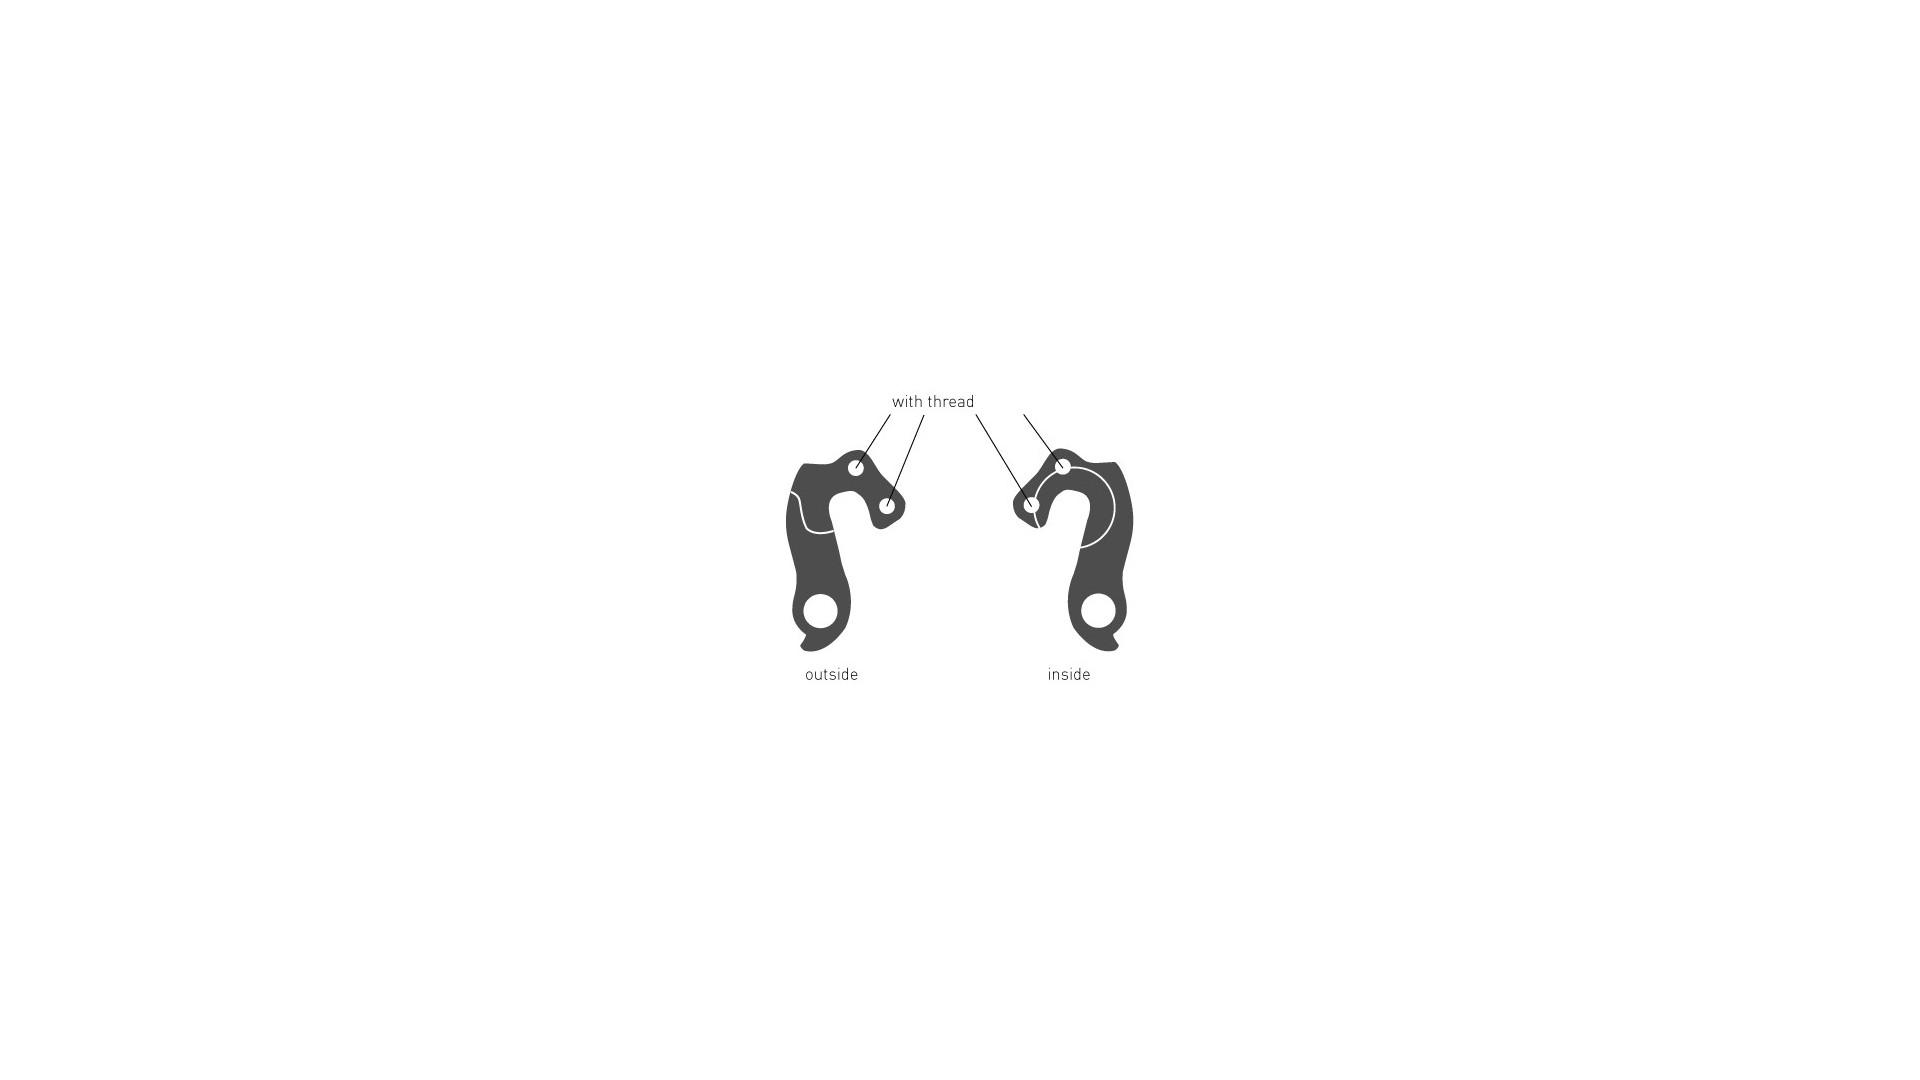 Крюк GHOST EZ1822 под 2 болта с резьбой внутренний